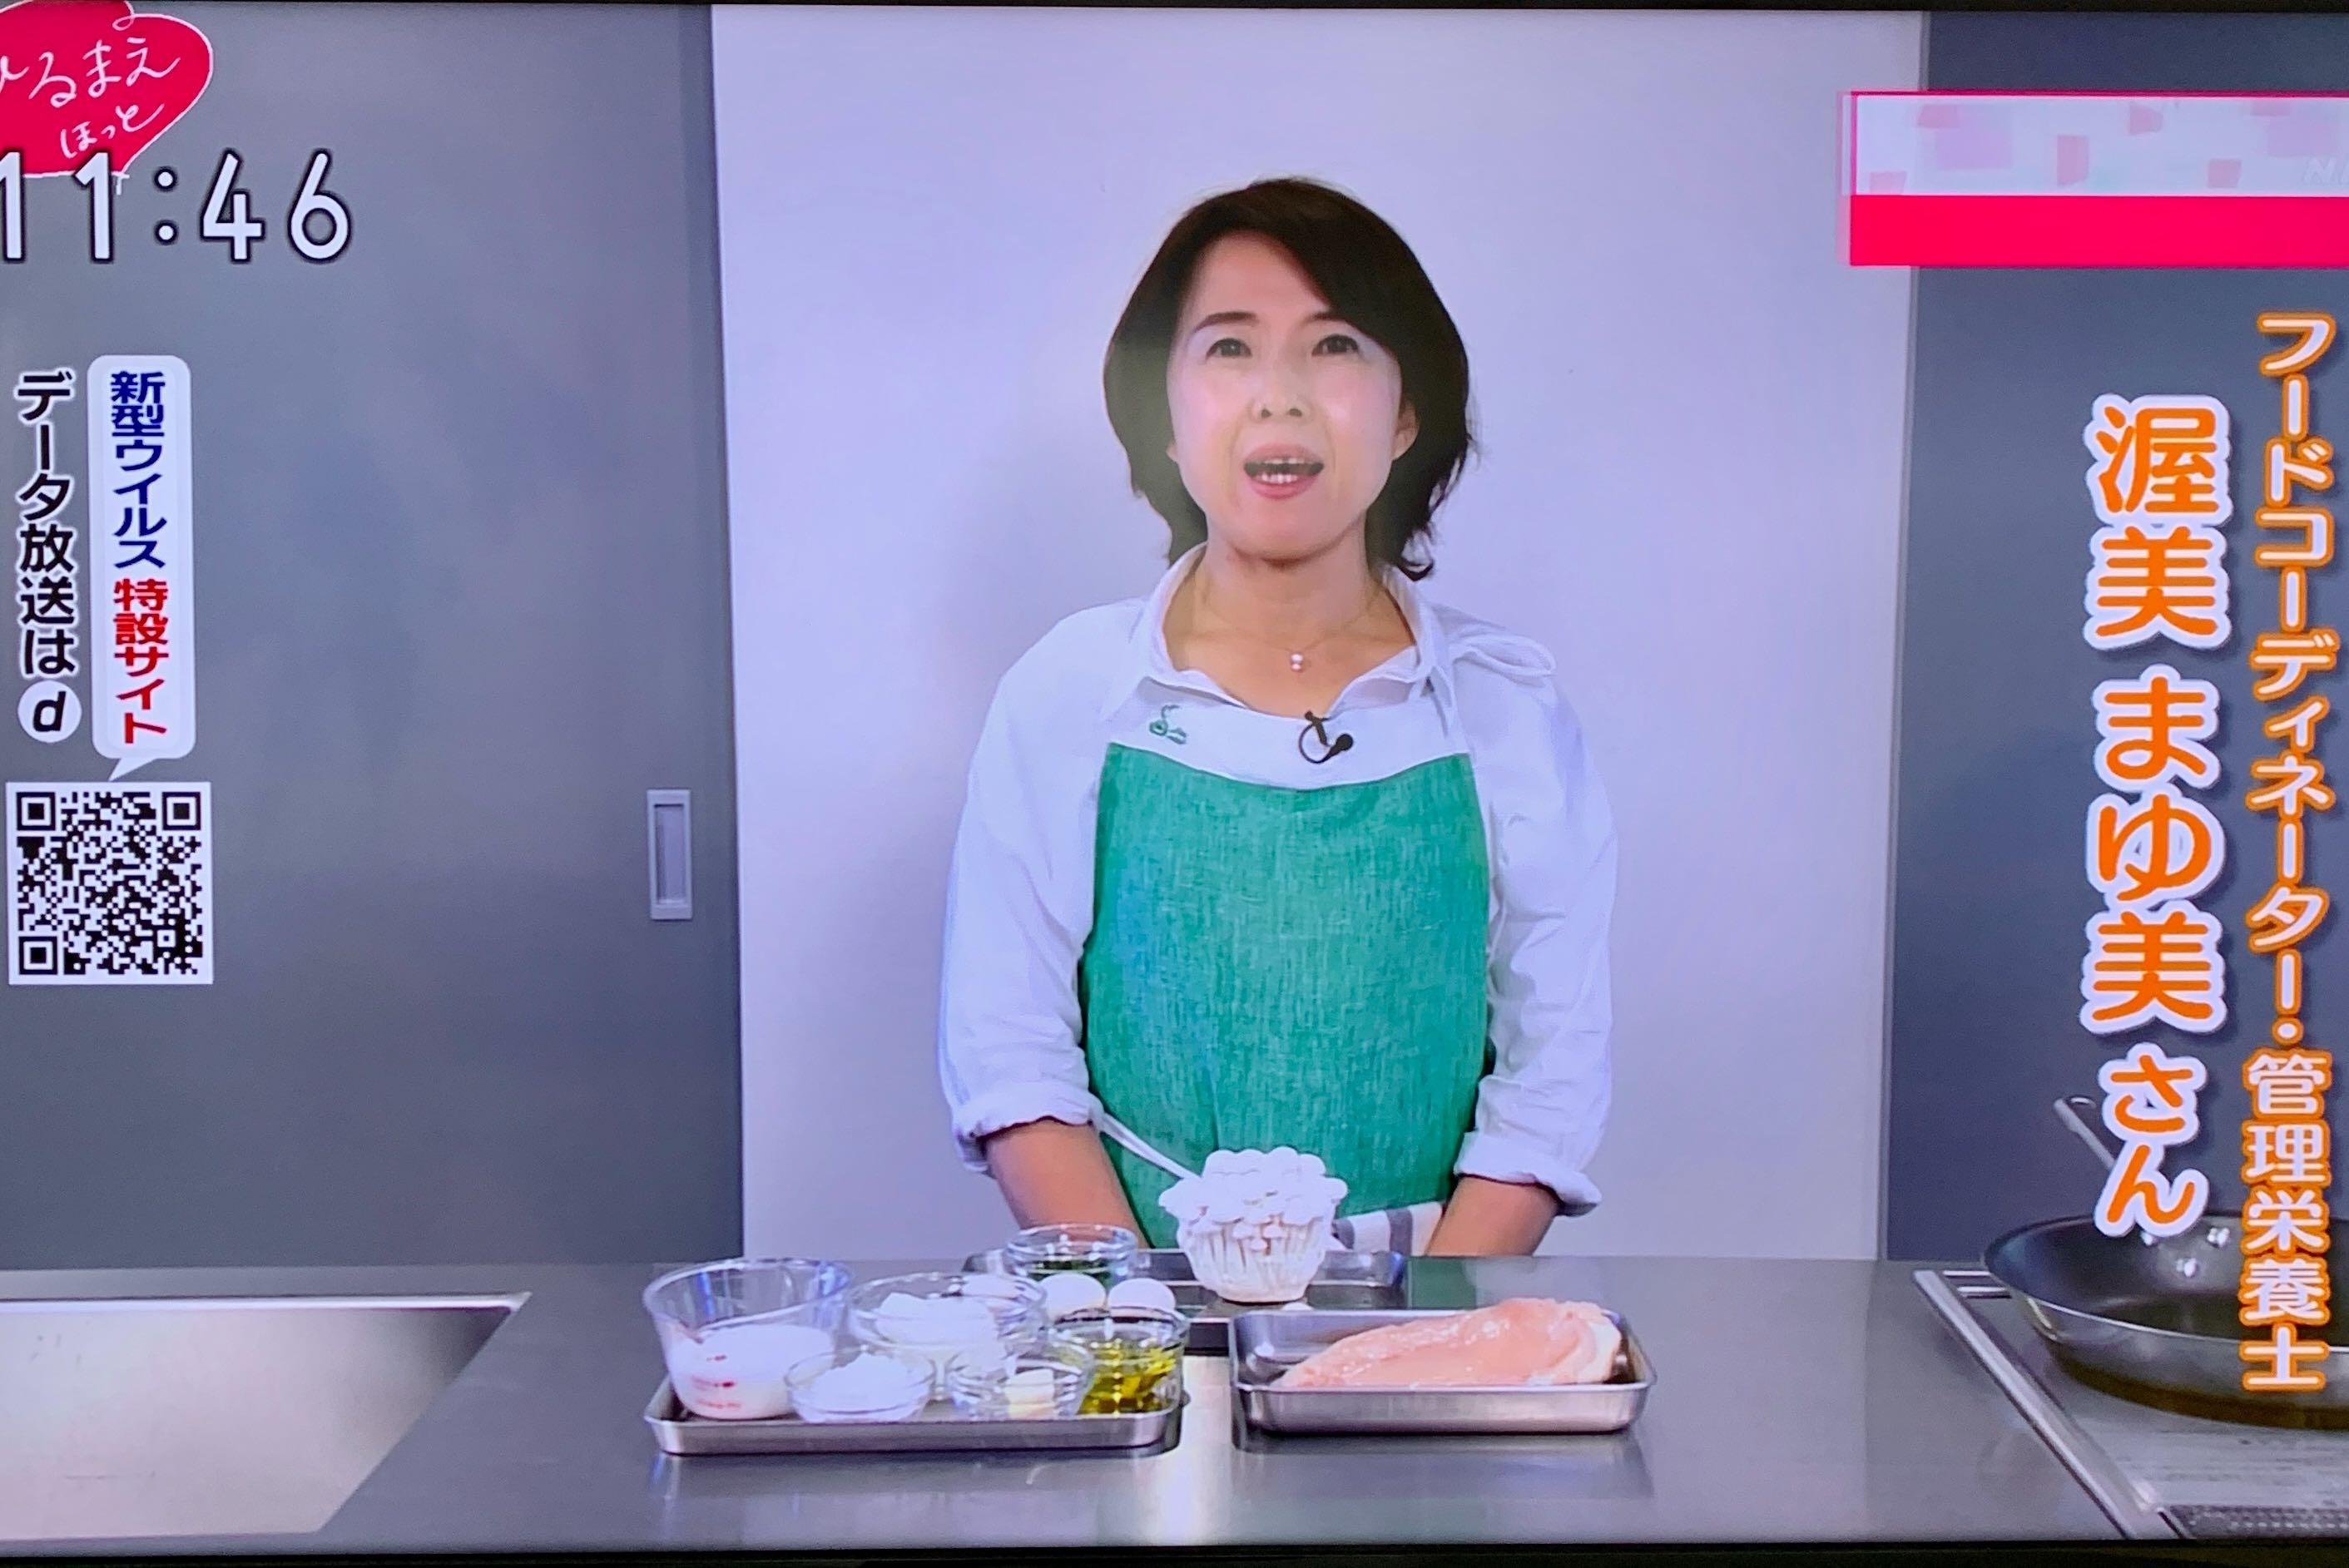 【テレビ出演】NHKひるまえほっと「白いチキンストロガノフ」